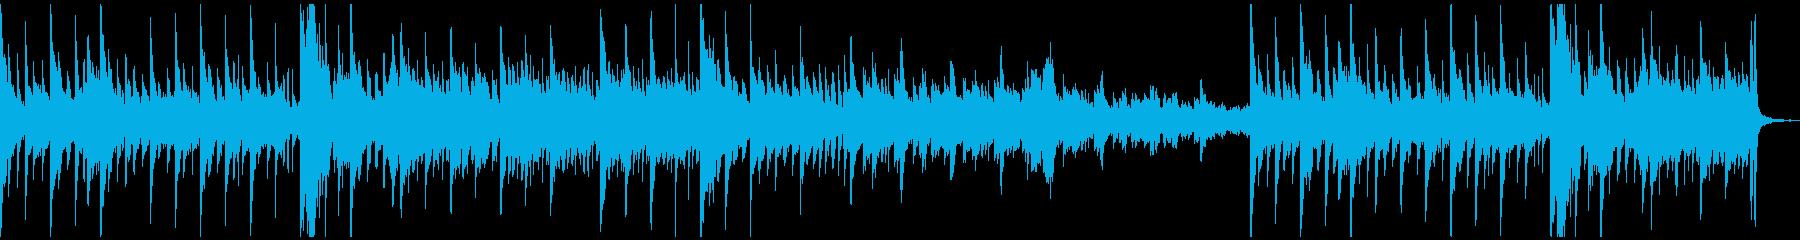 ダークなピアノ曲の再生済みの波形